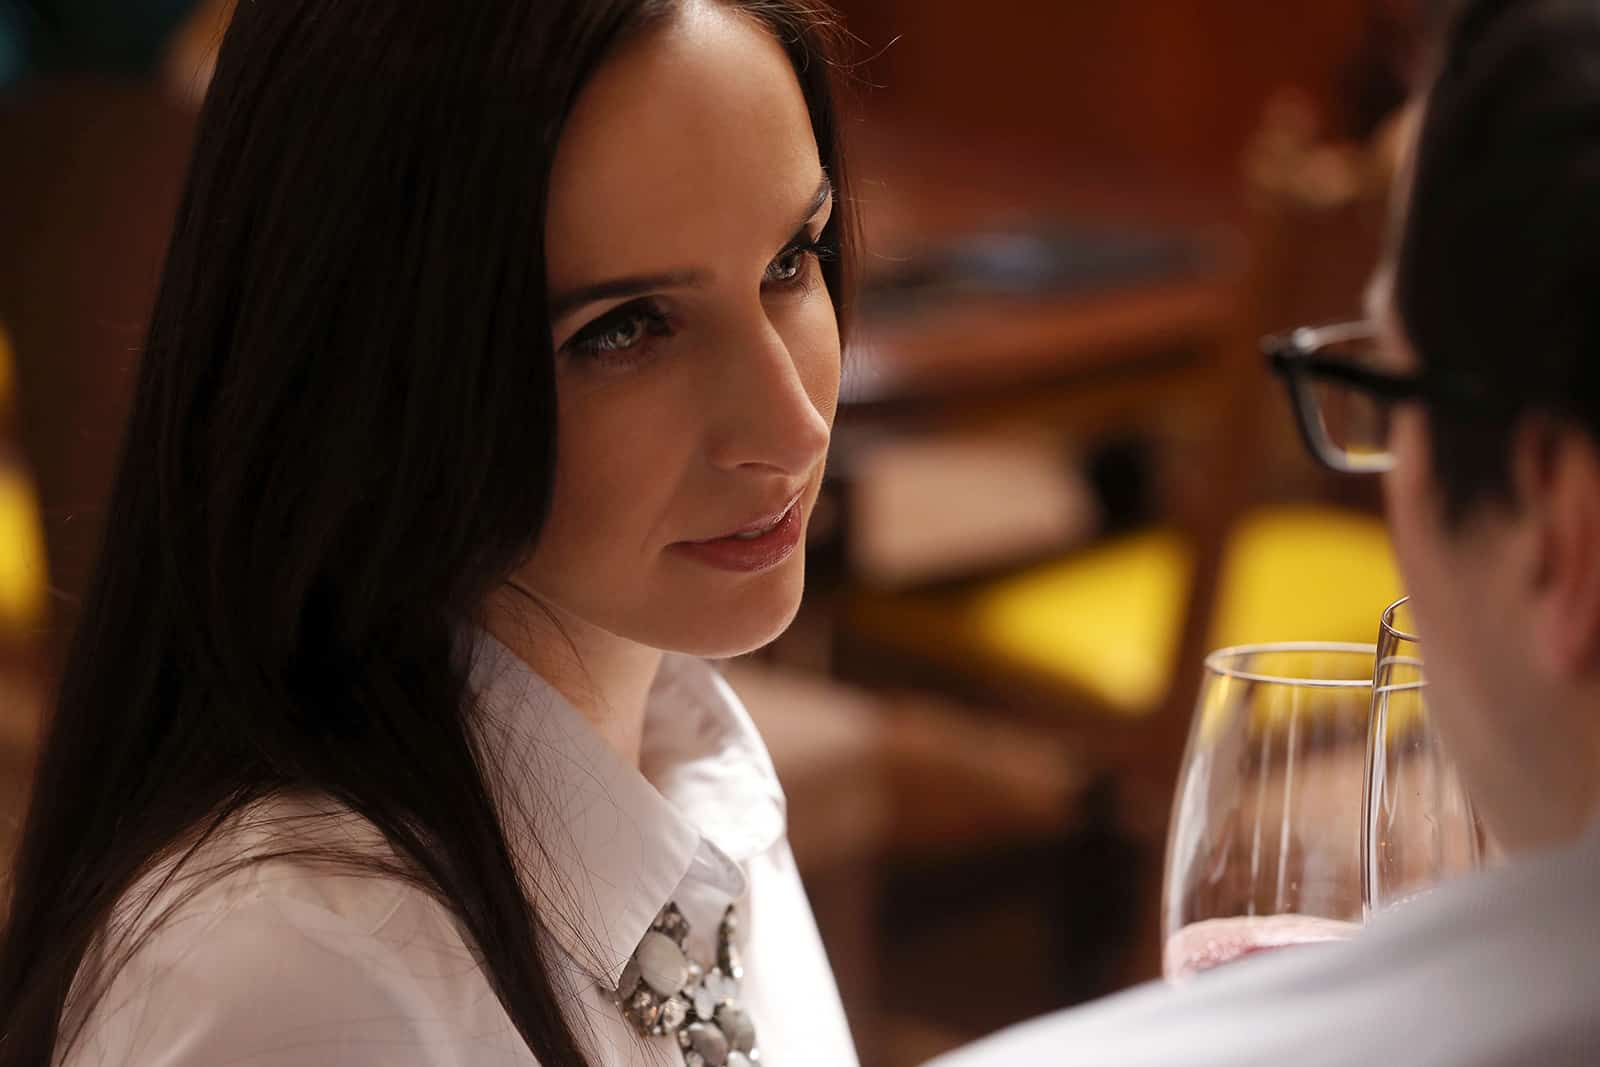 eine attraktive Frau, die Mann ansieht und mit Glas röstet